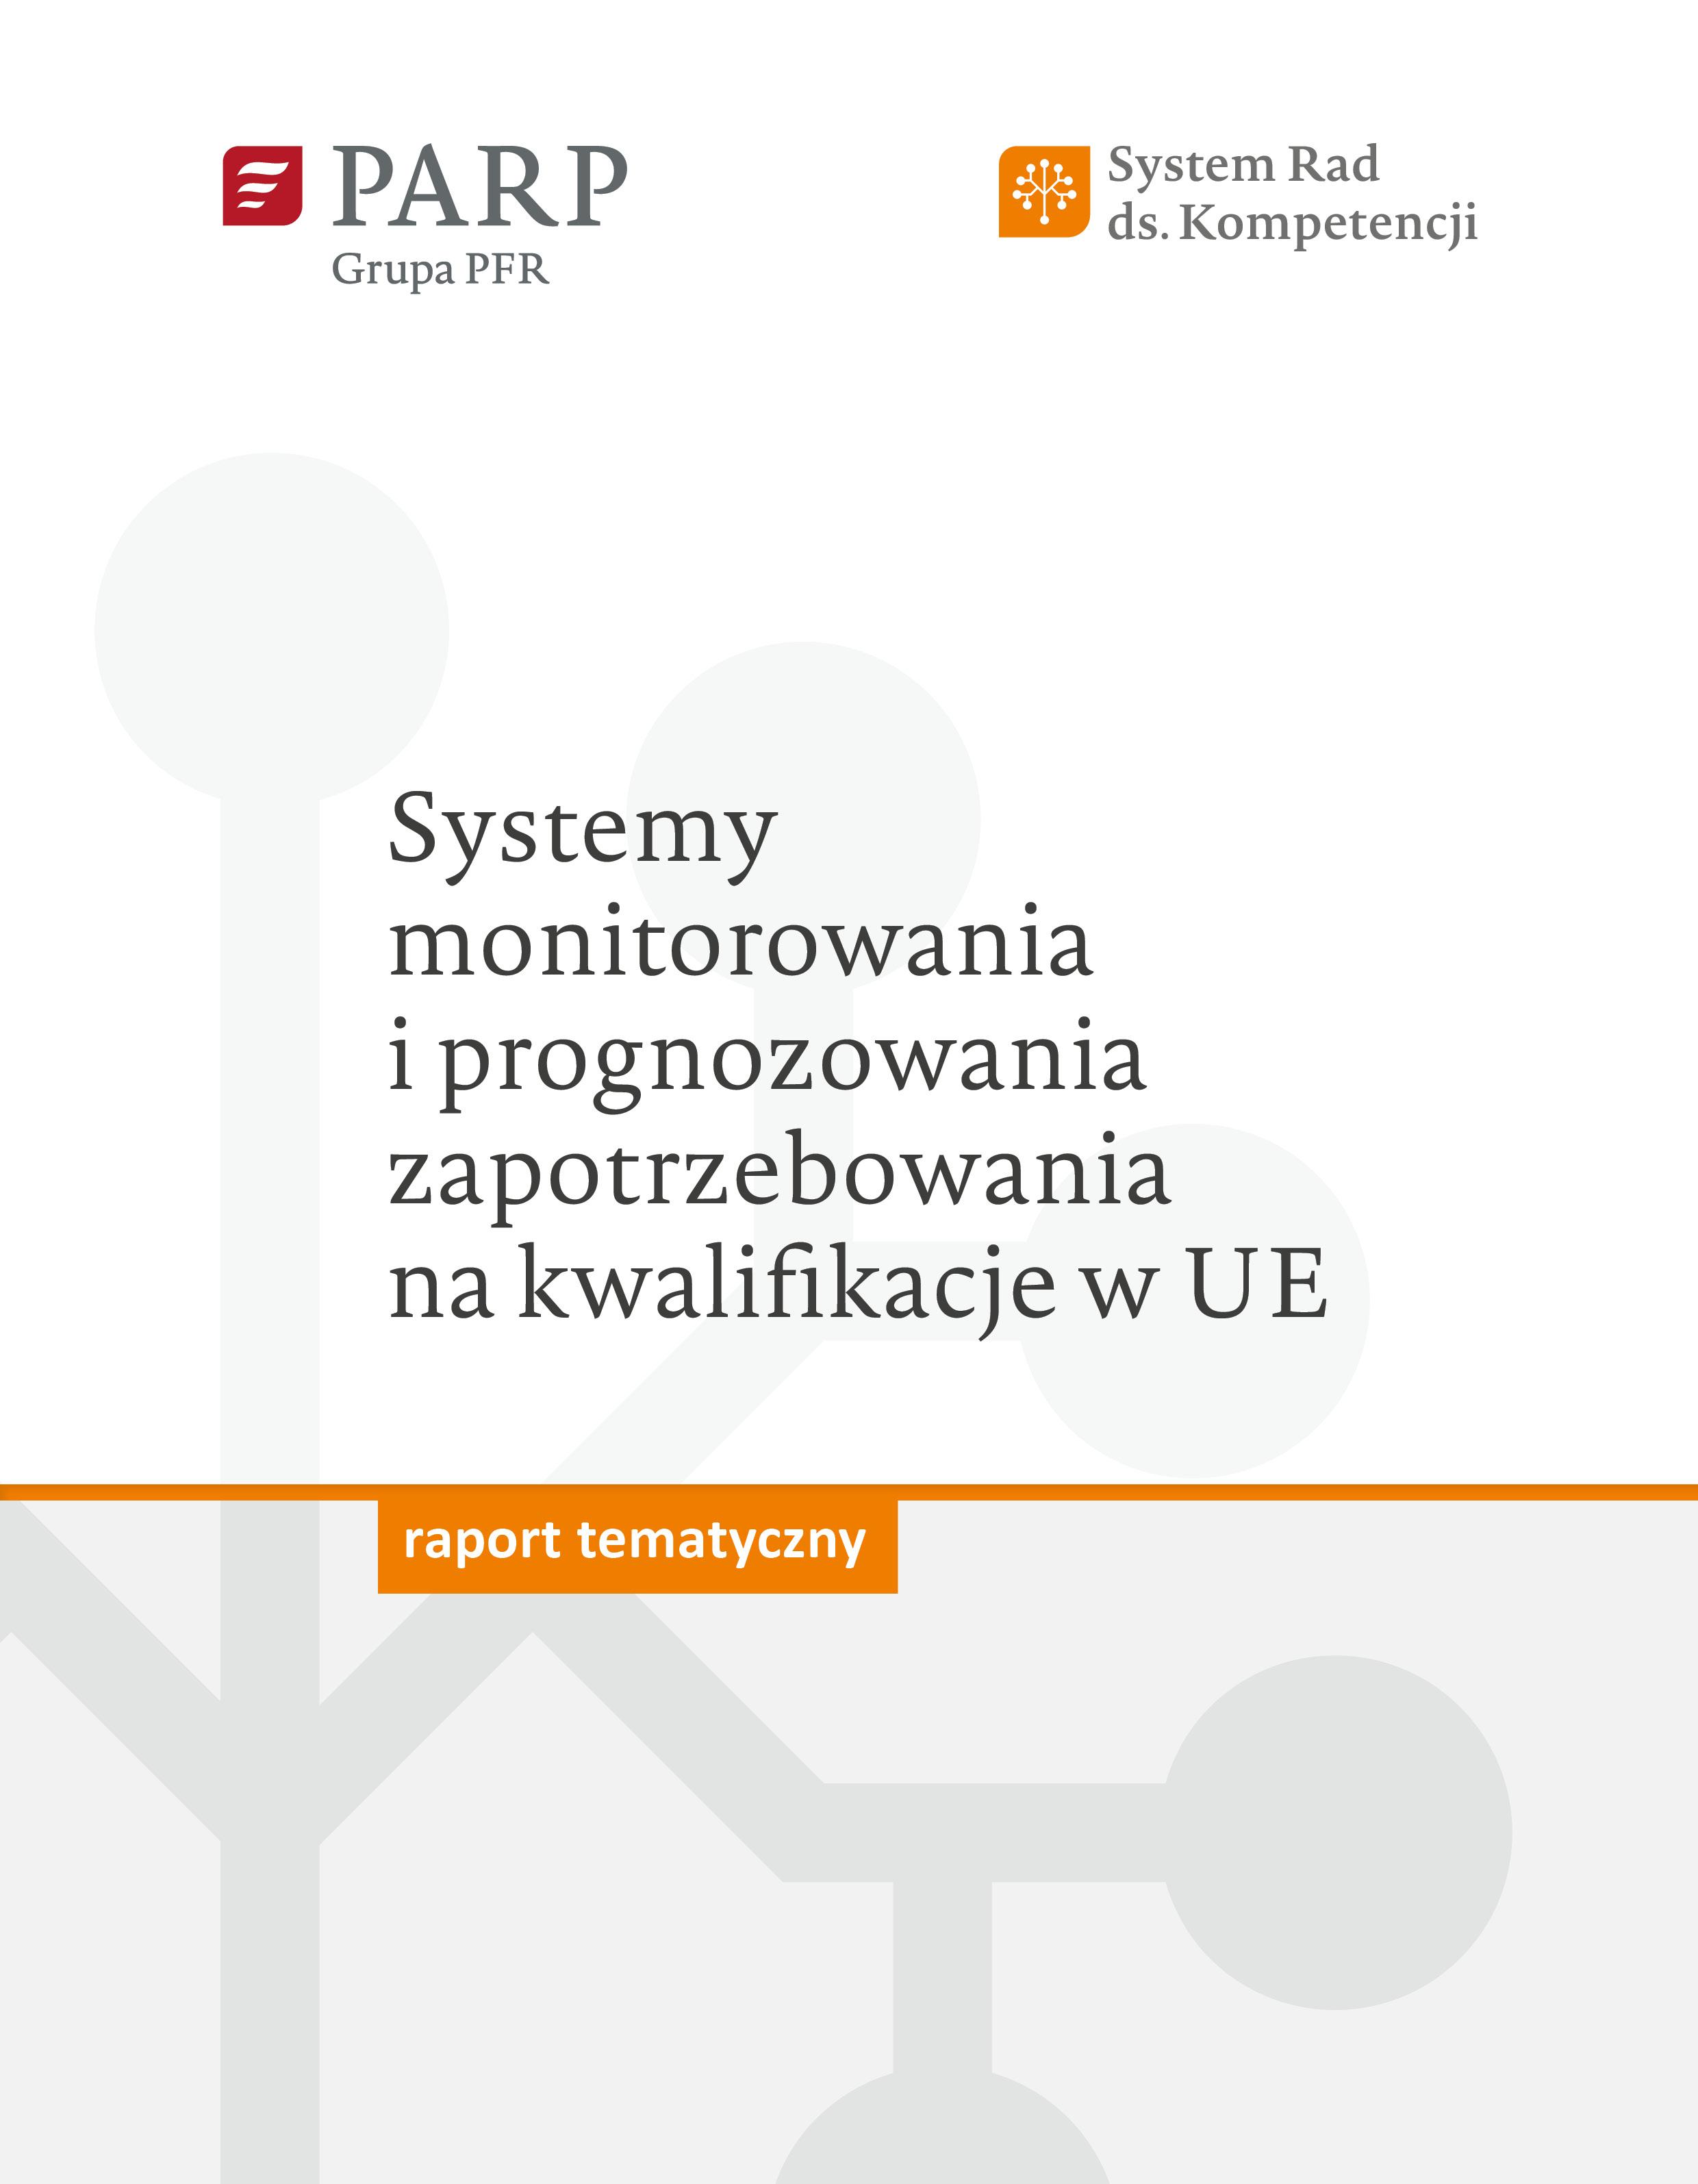 Systemy monitorowania i prognozowania zapotrzebowania na kwalifikacje w UE